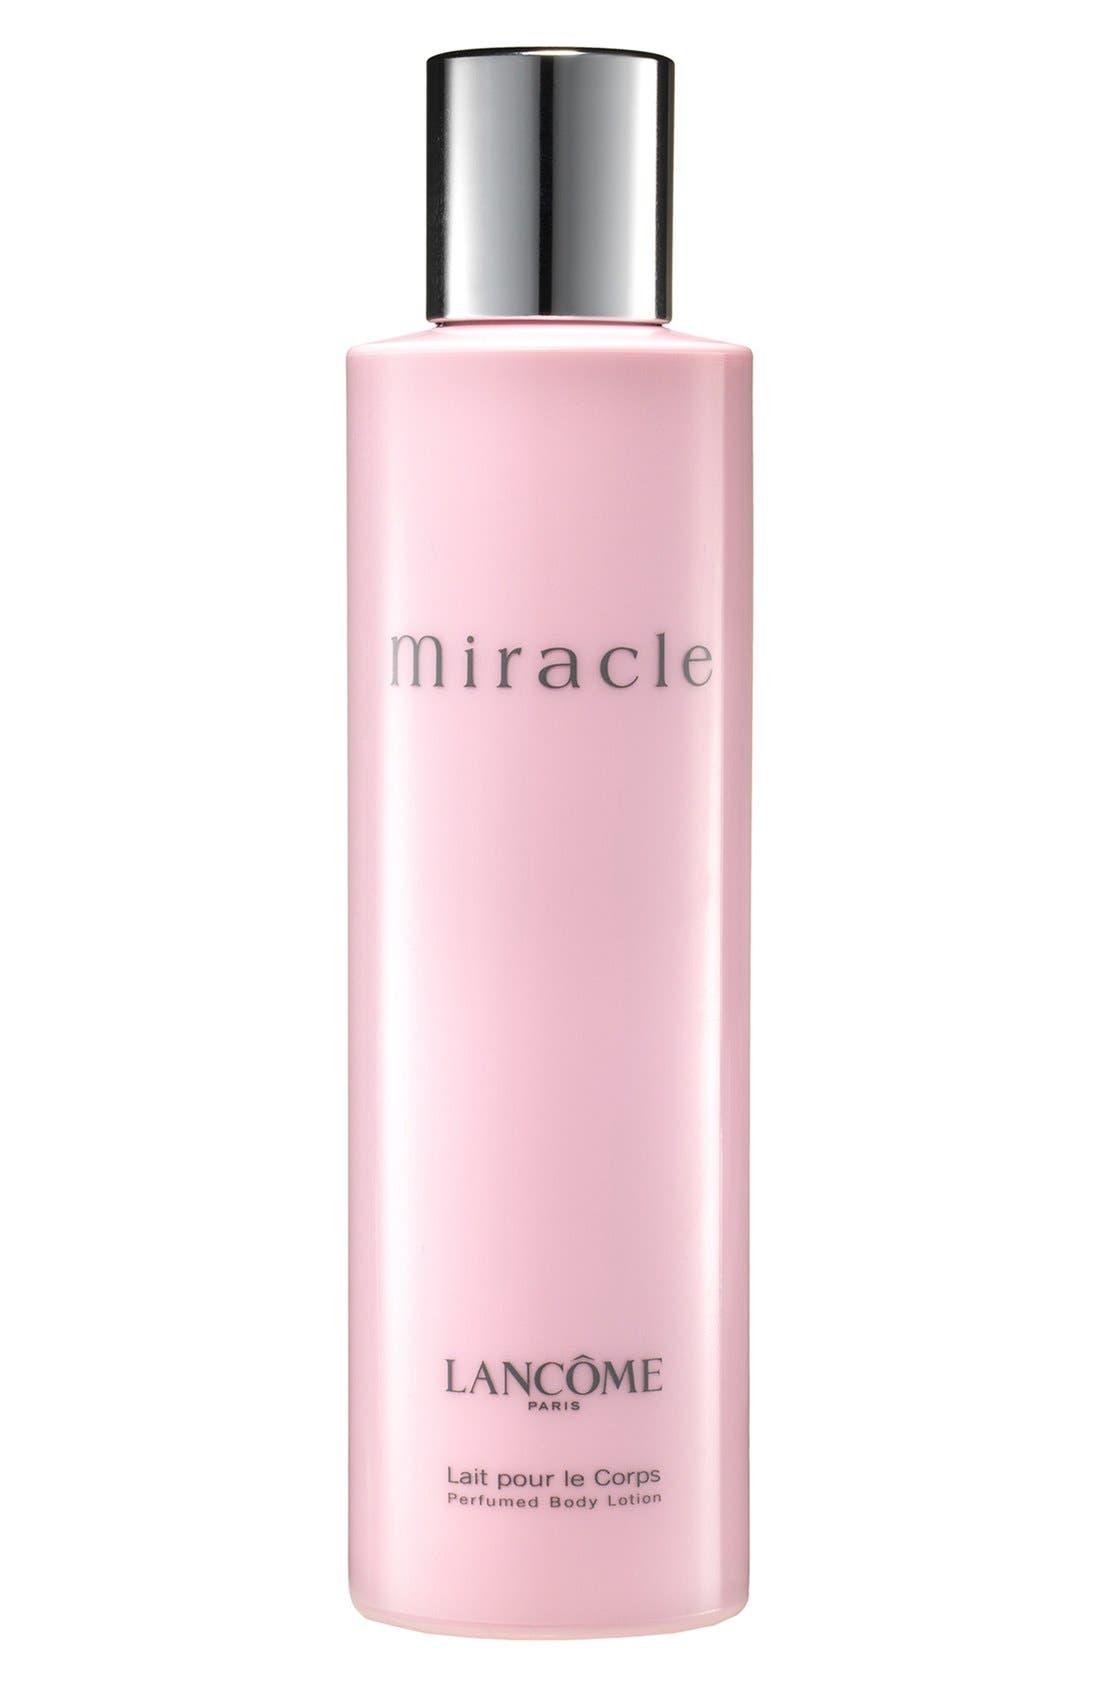 Lancôme Miracle Body Lotion